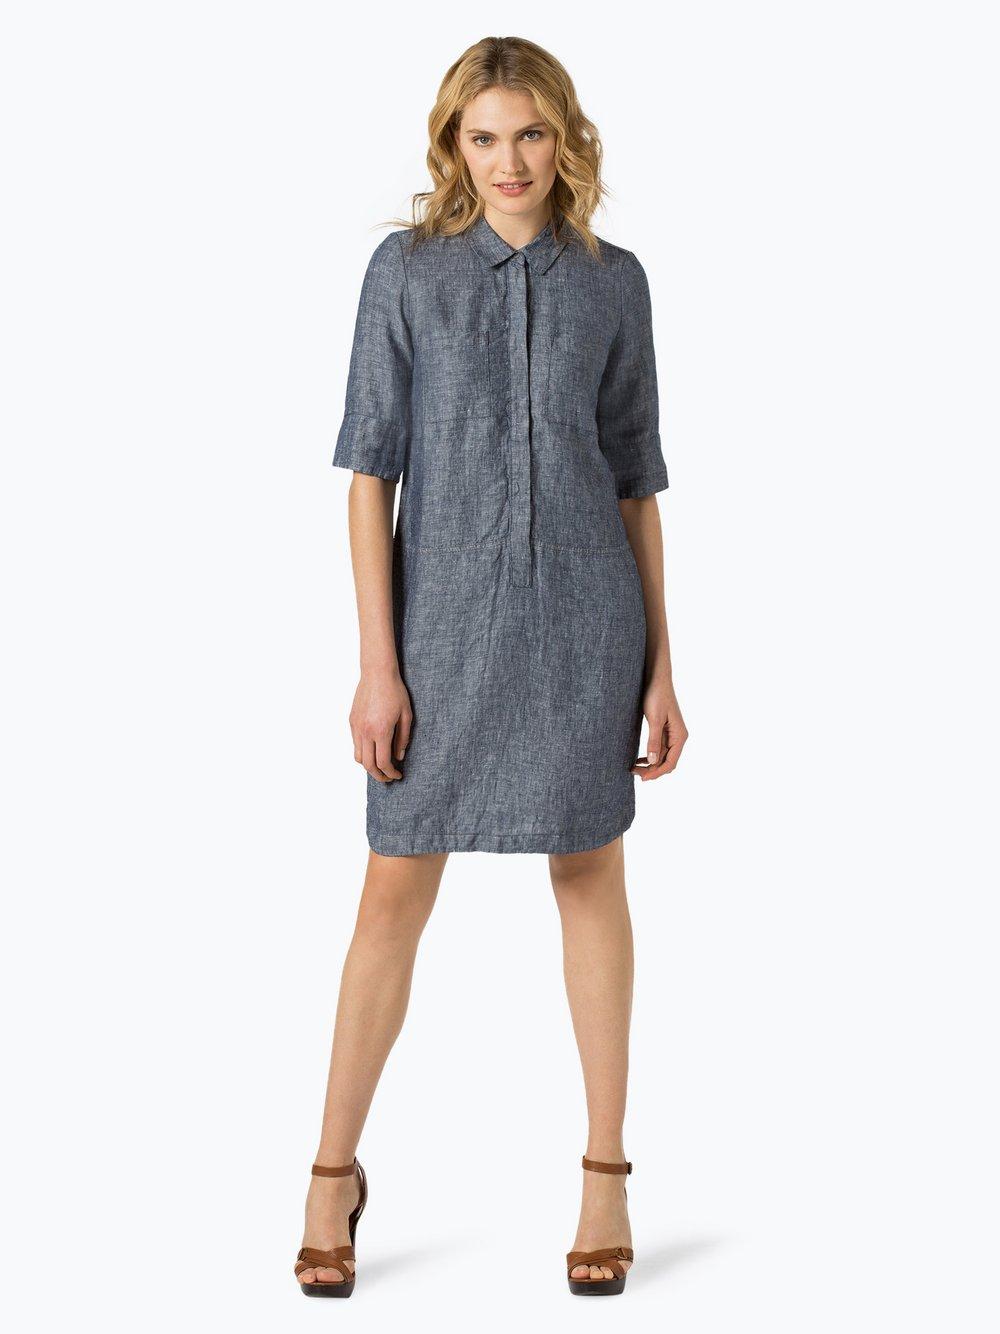 opus damen kleid aus leinen - willmar online kaufen | peek